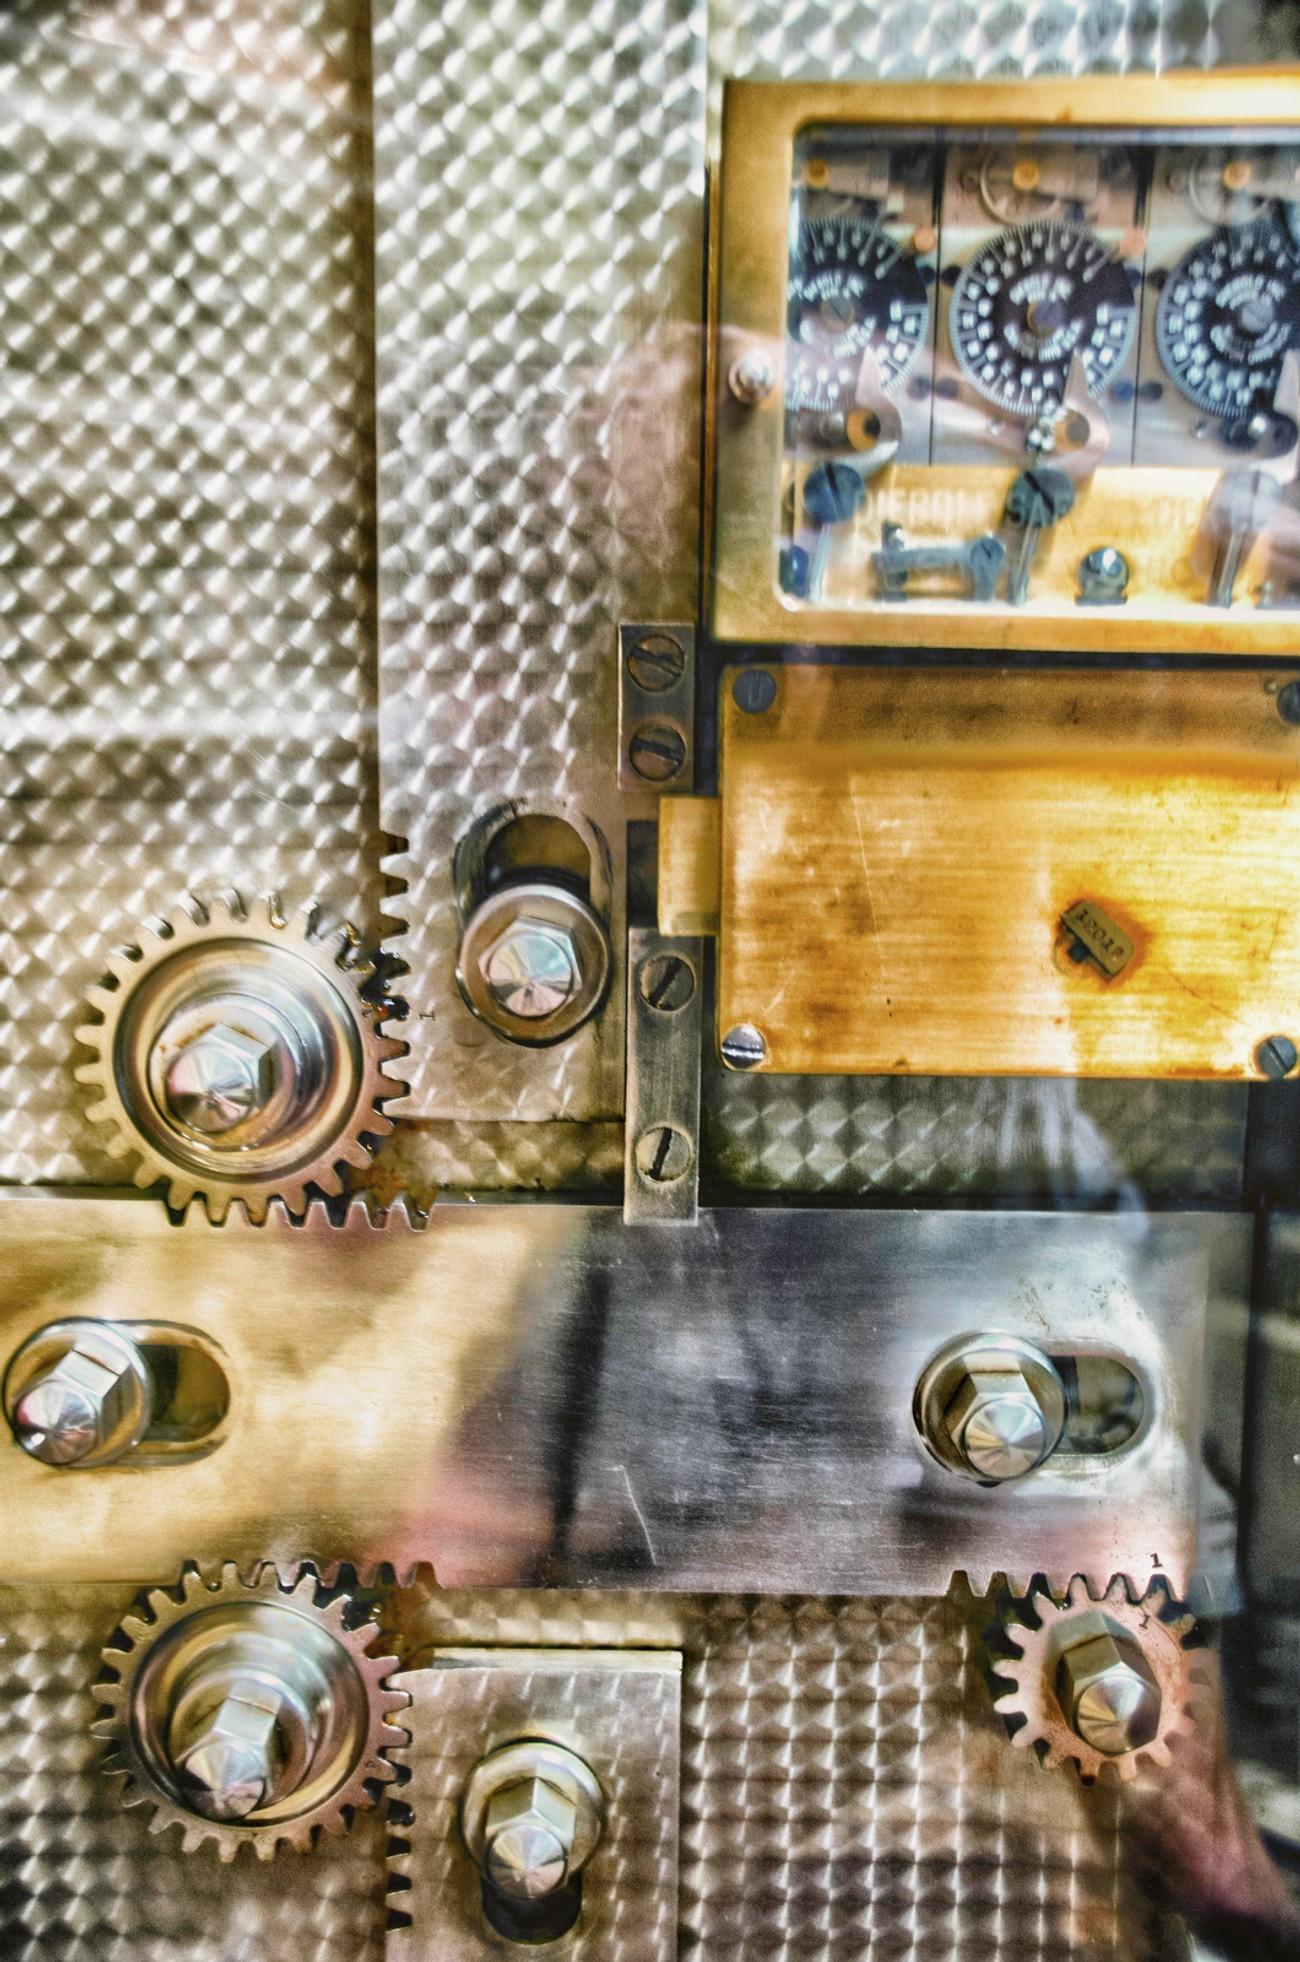 The inner works of a vault door in Arcadia Florida.